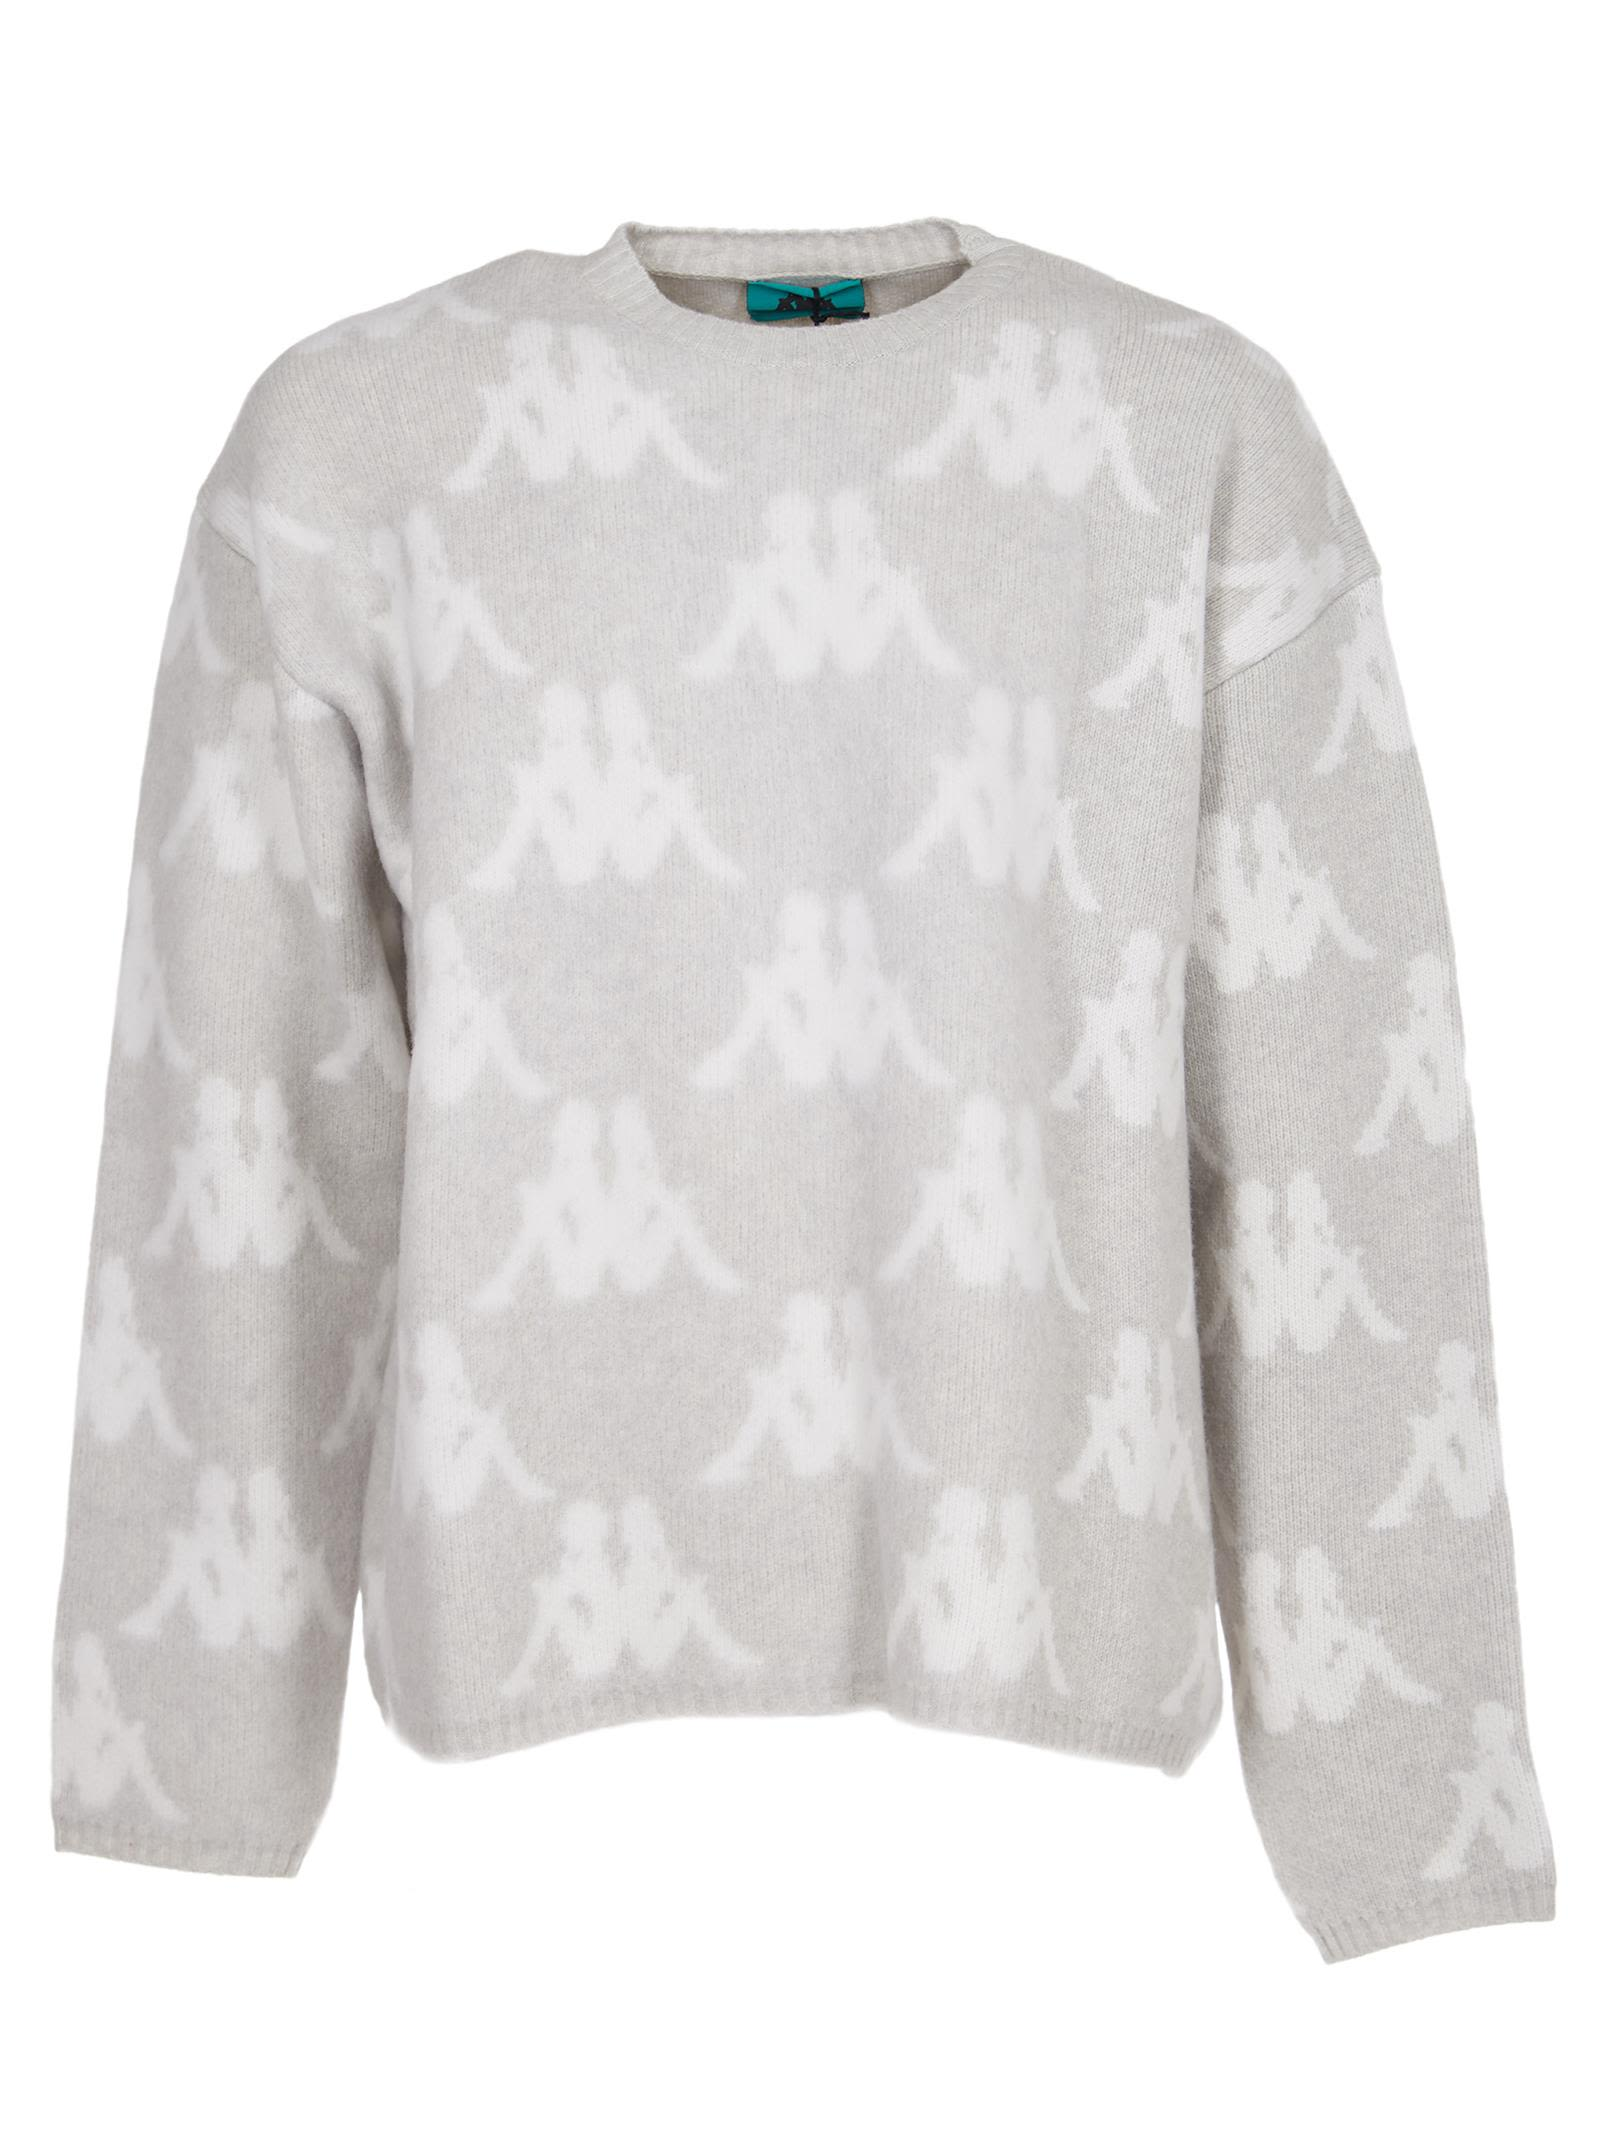 DANILO PAURA Logo Knit Sweater in Light Grey